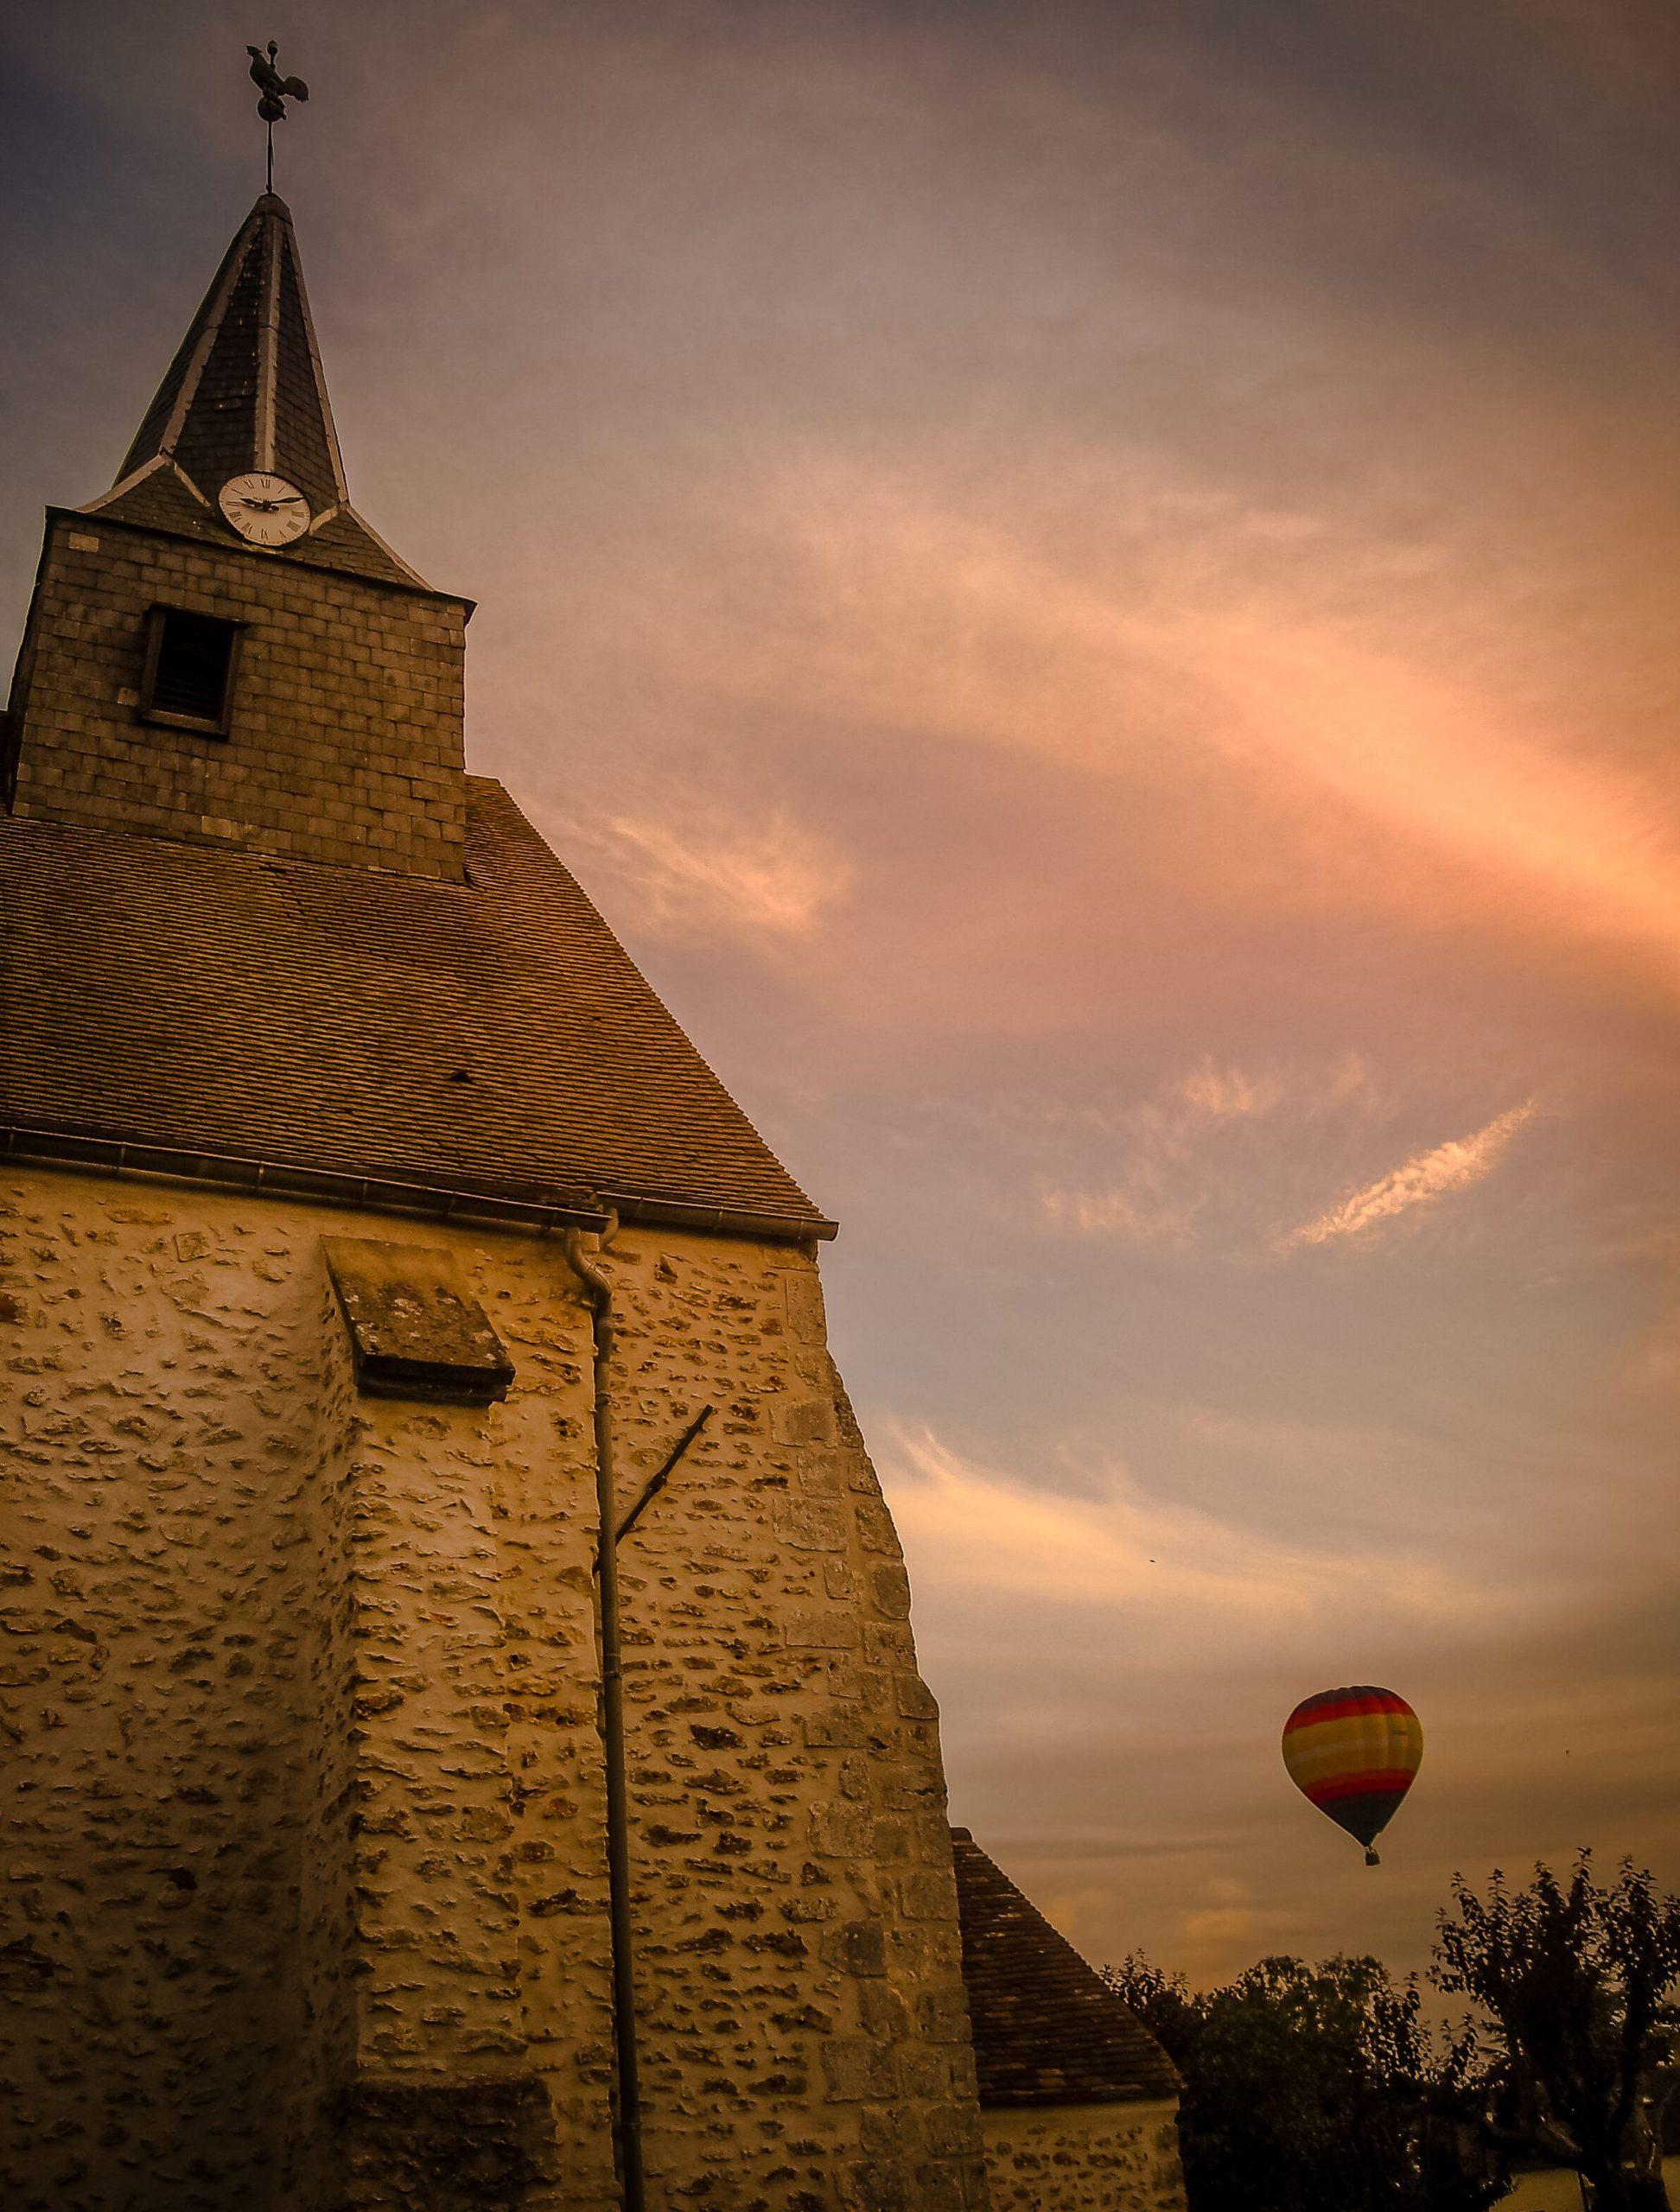 Eglise et ciel au crépuscule - Mairie de Ponthévrard